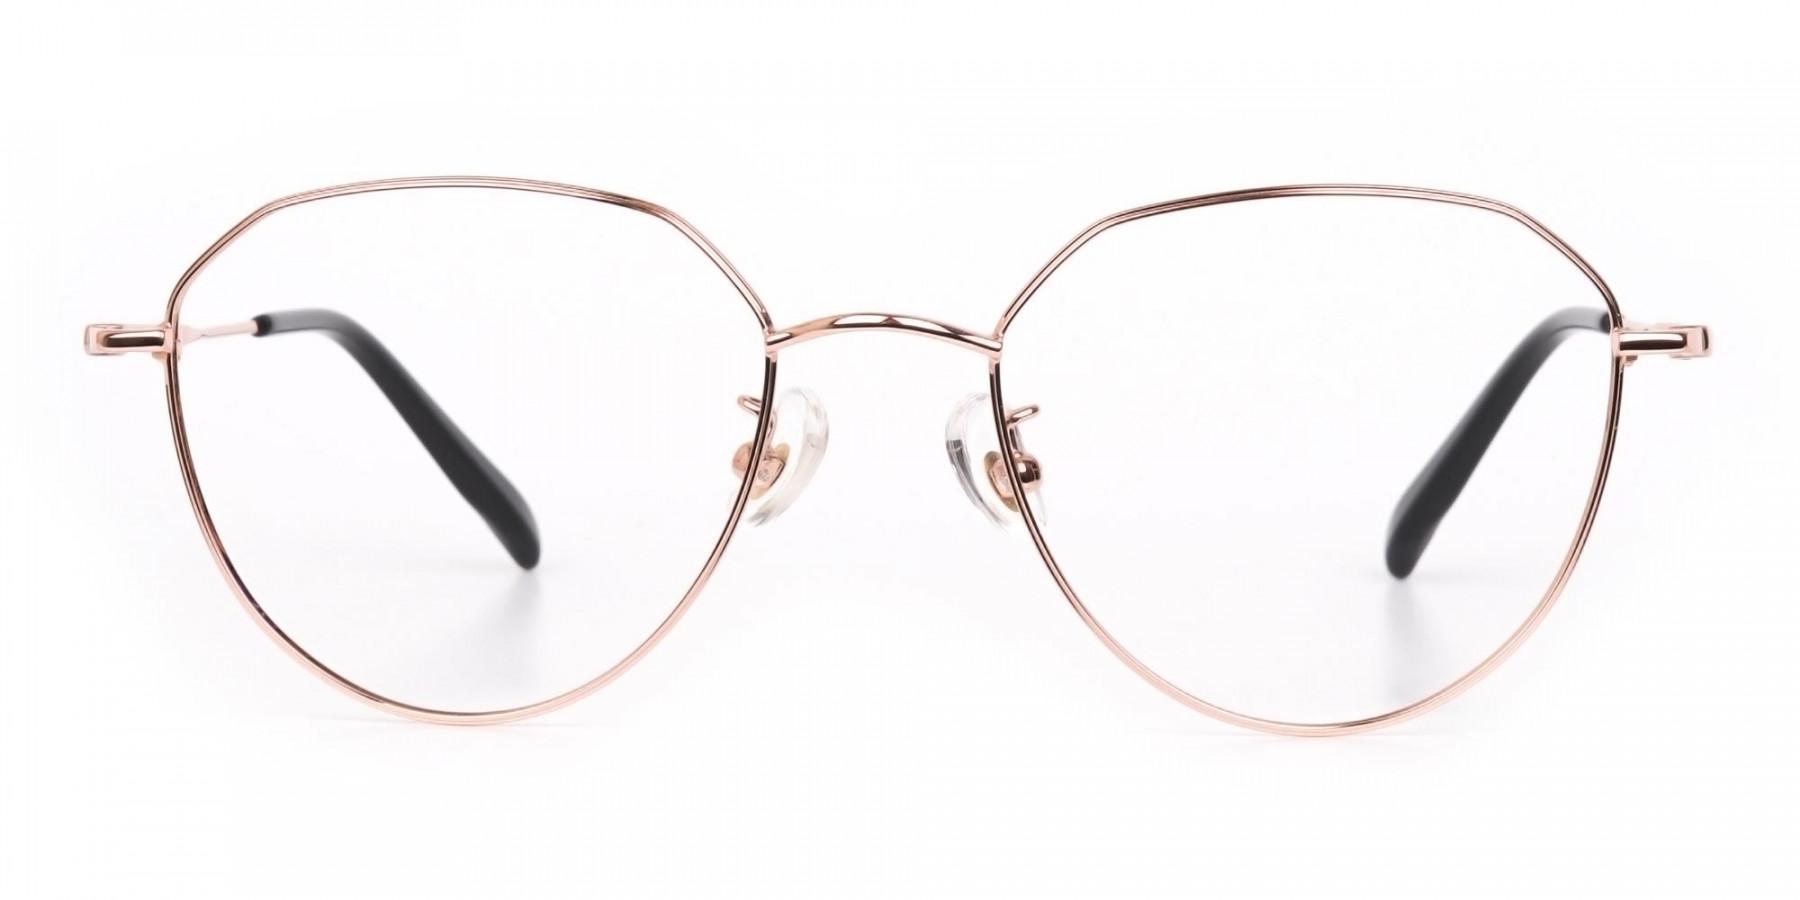 Rose Gold Metal Aviator Glasses Frame Unisex-1